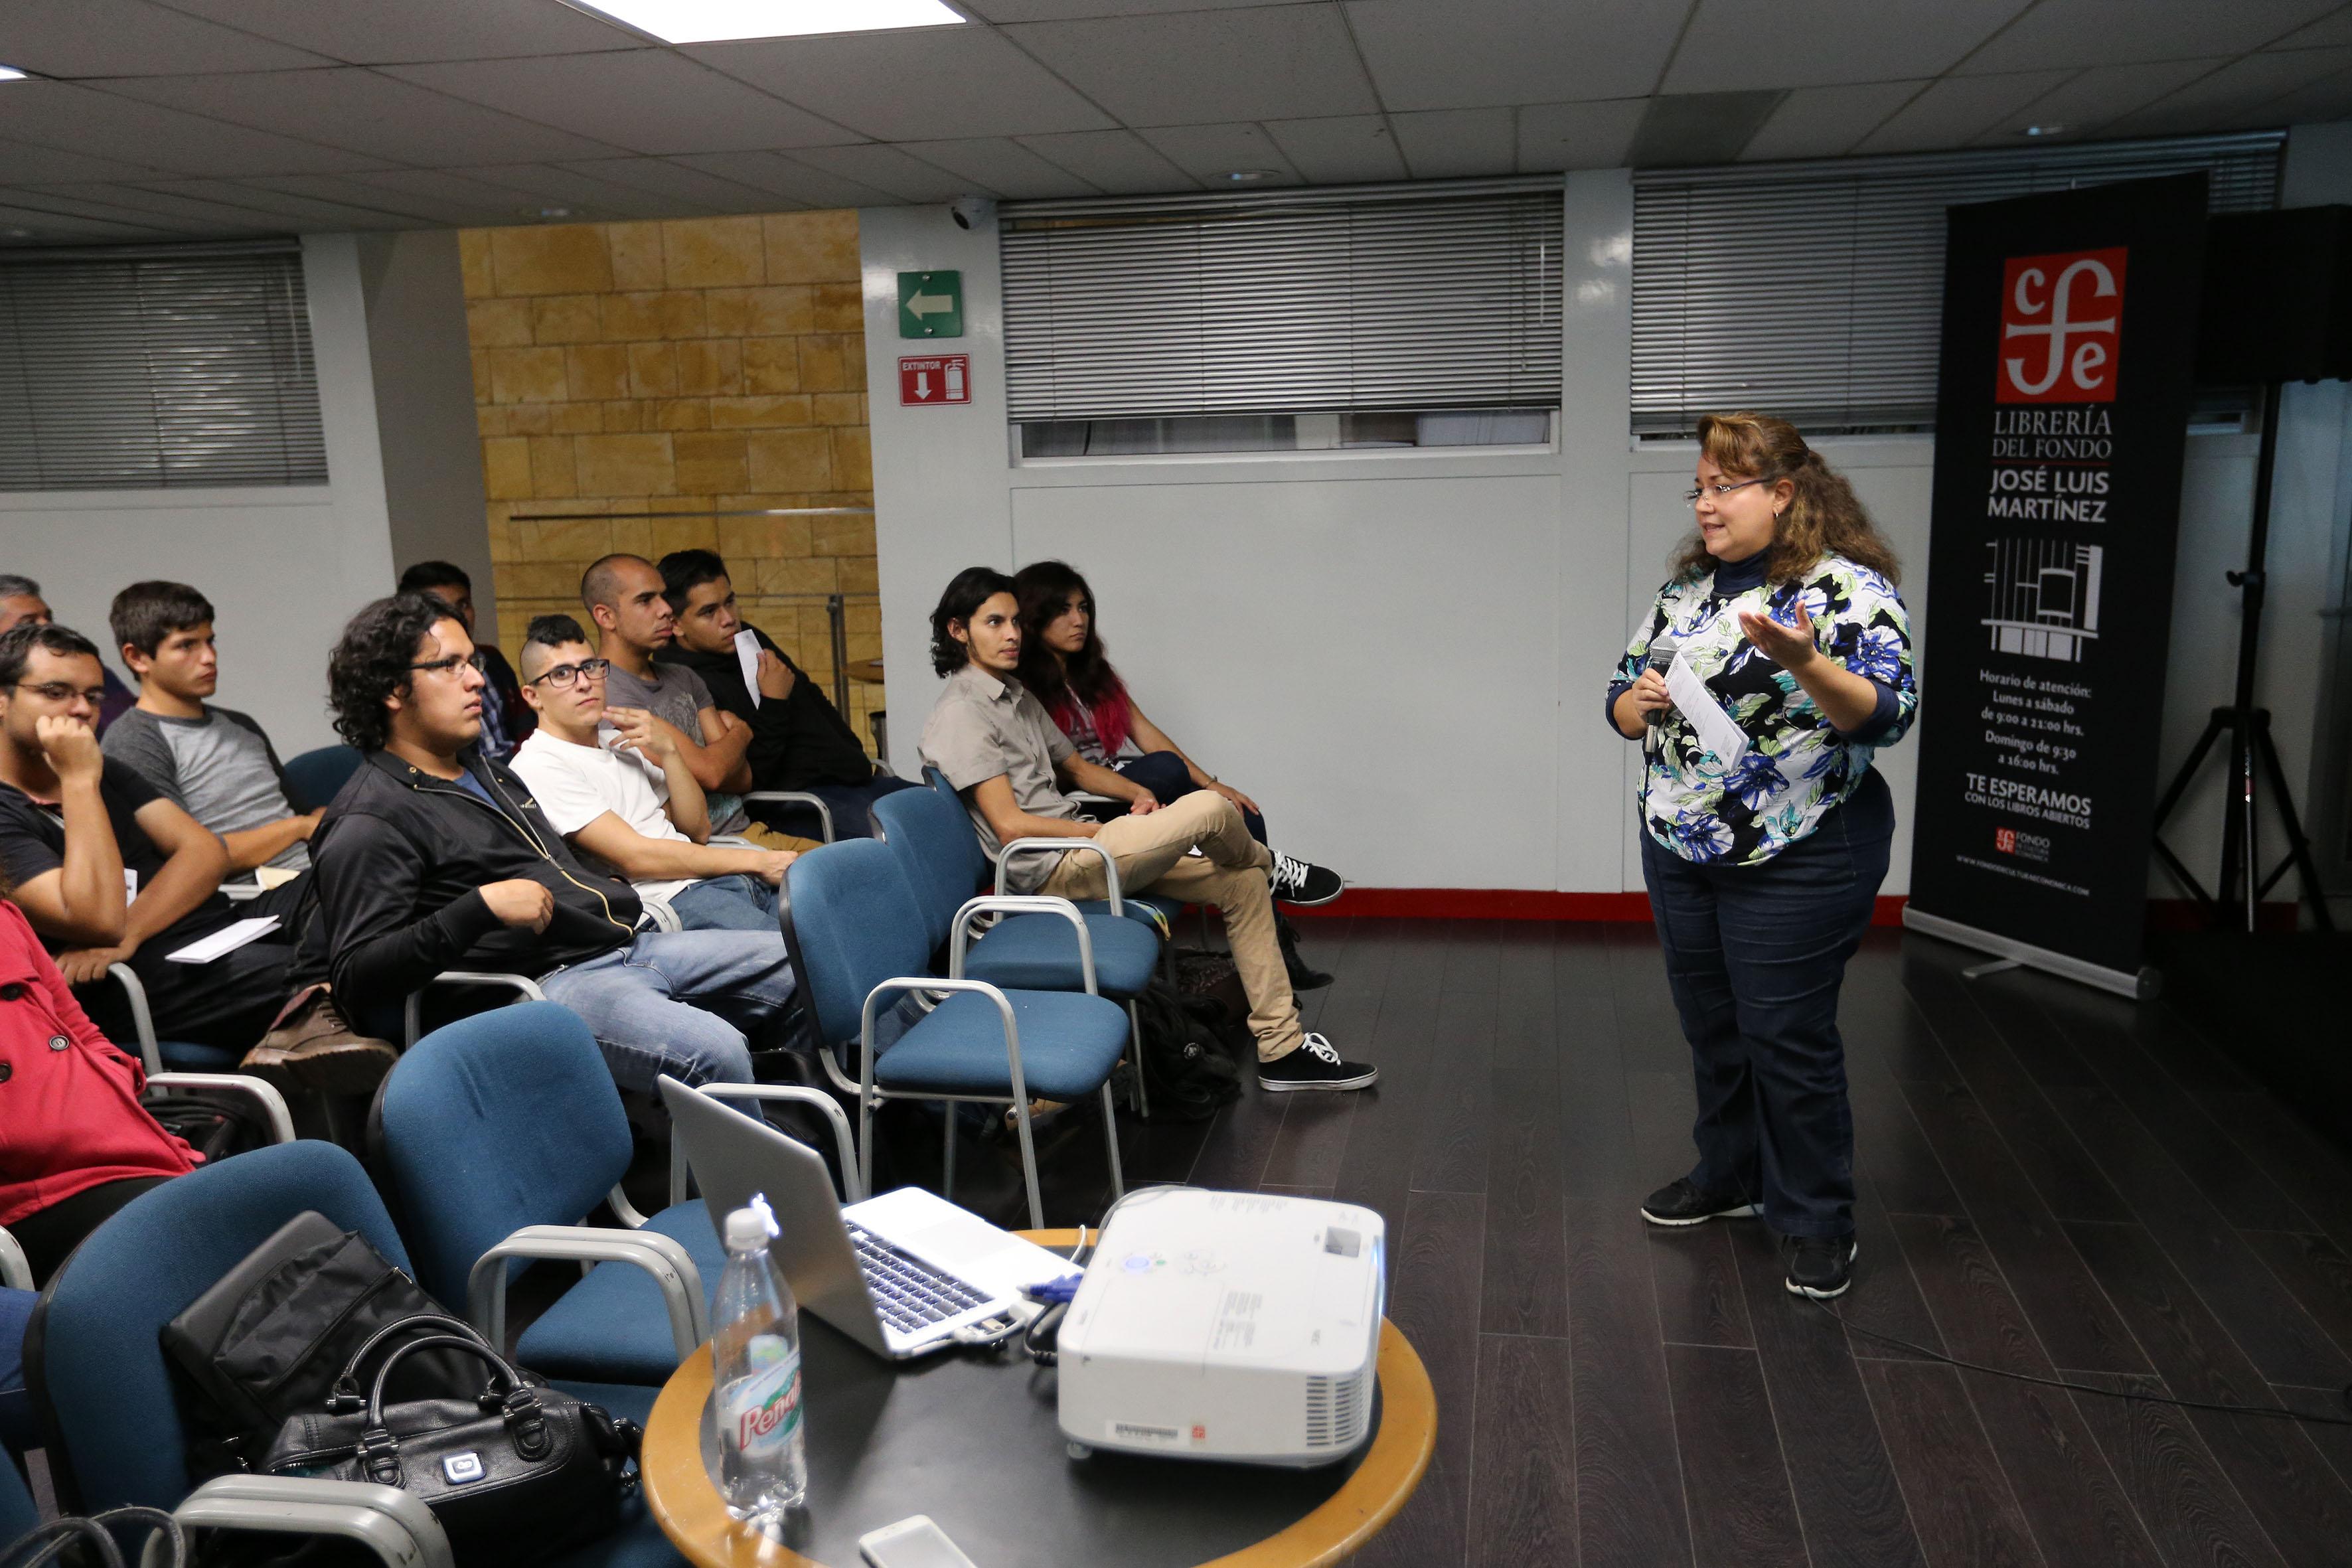 """Participante en el ciclo de conferencias: """"Ciencia desde lo básico"""", en la Librería José Luis Martínez del Fondo de Cultura Económica,"""